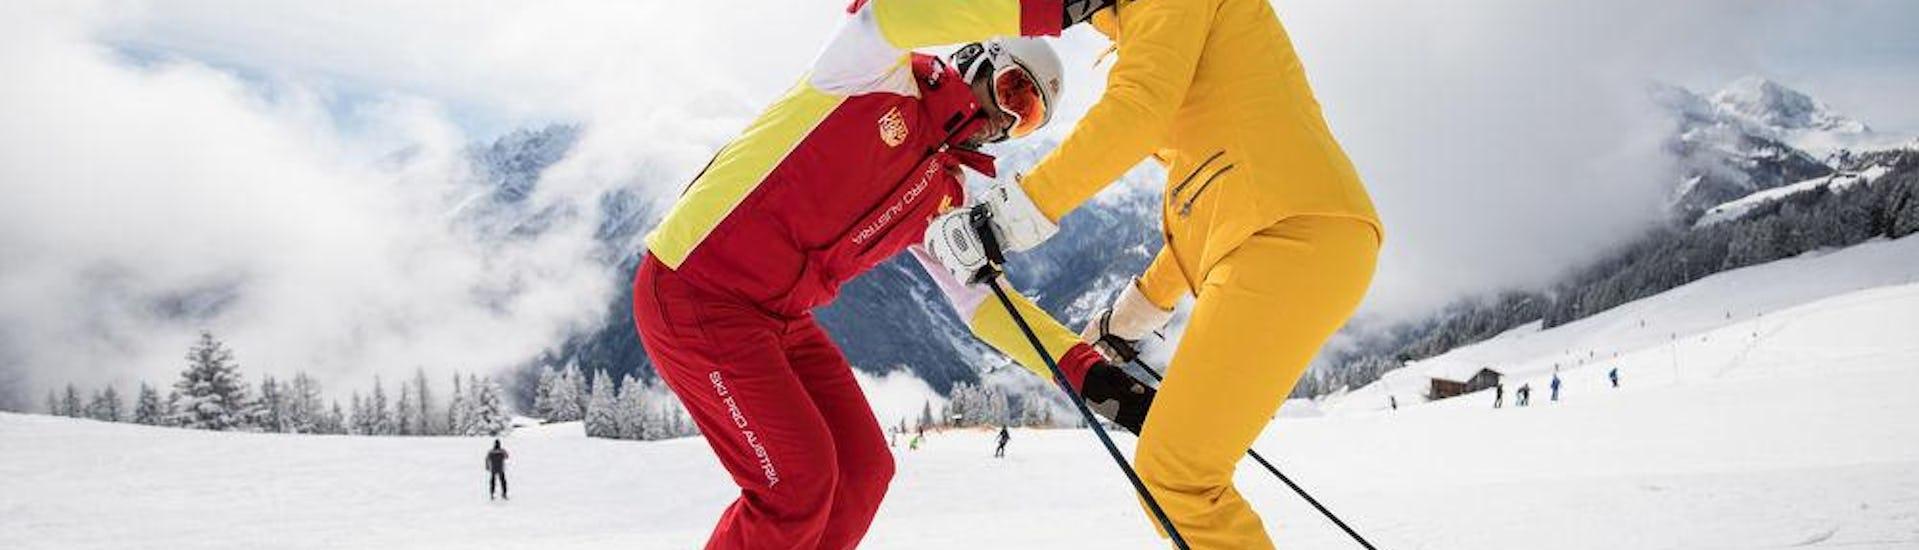 Skianfänger helfen sich gegenseitig im Skikurs für Erwachsene - Alle Levels